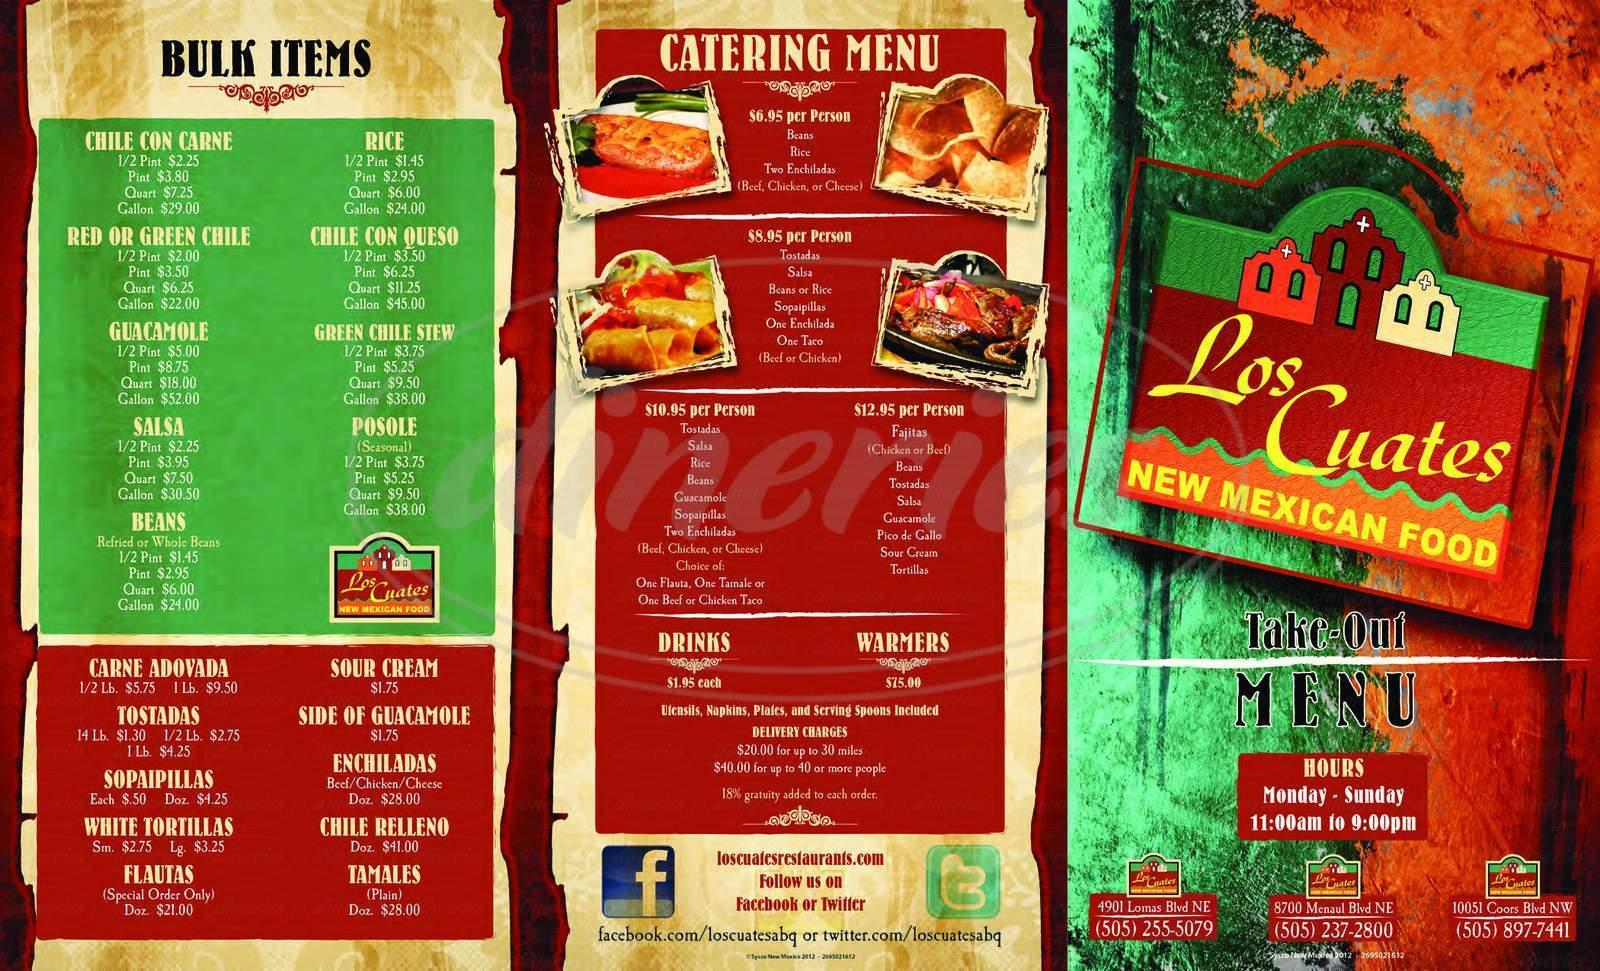 menu for Los Cuates